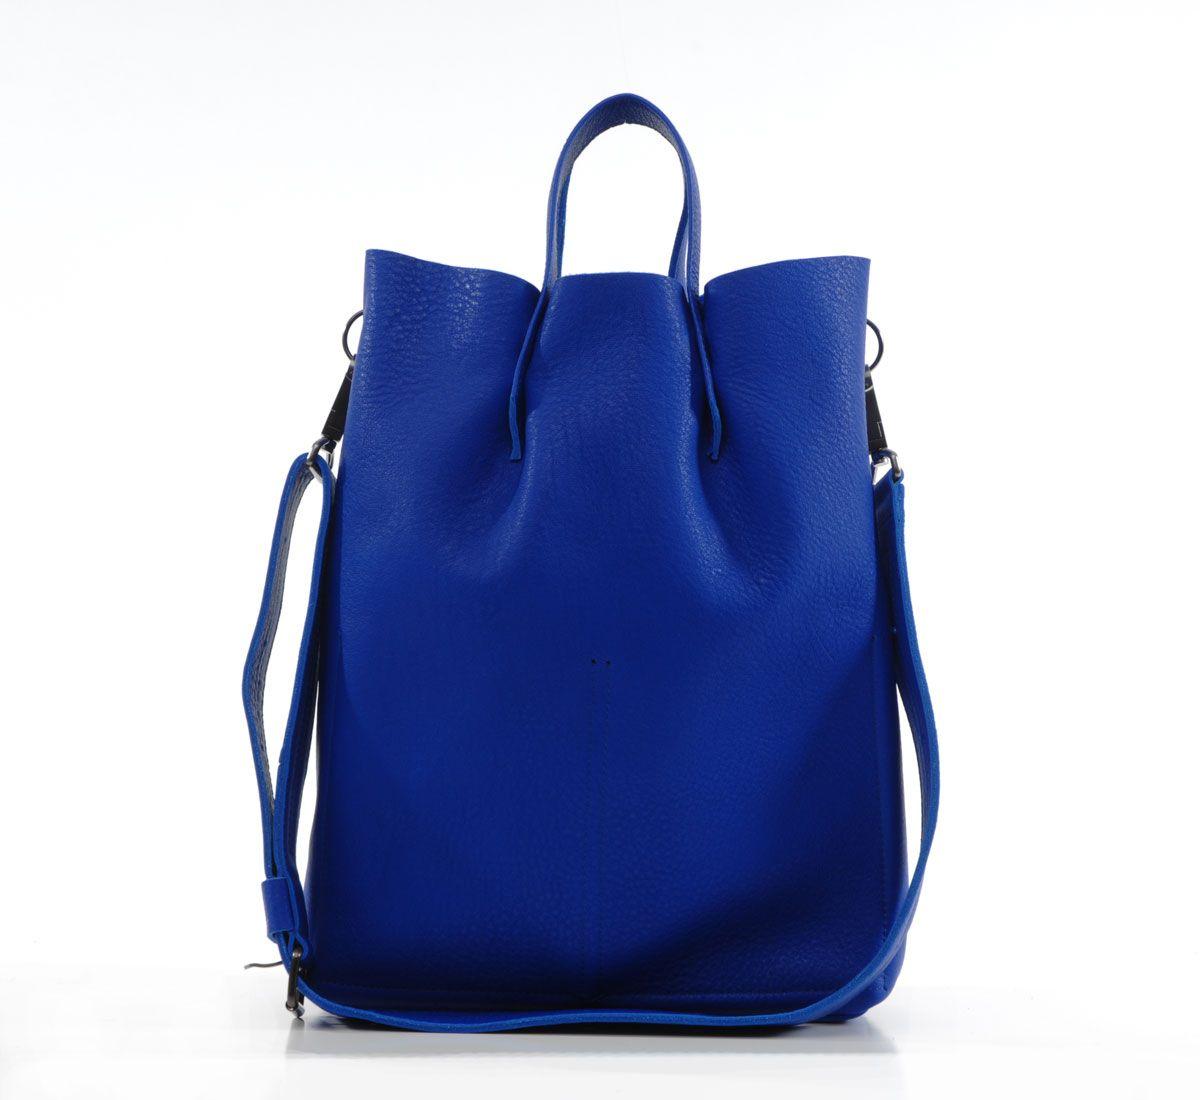 de6d13cfc blue rivet tote bag bag by frrry | WEAR {clothes + accessories ...